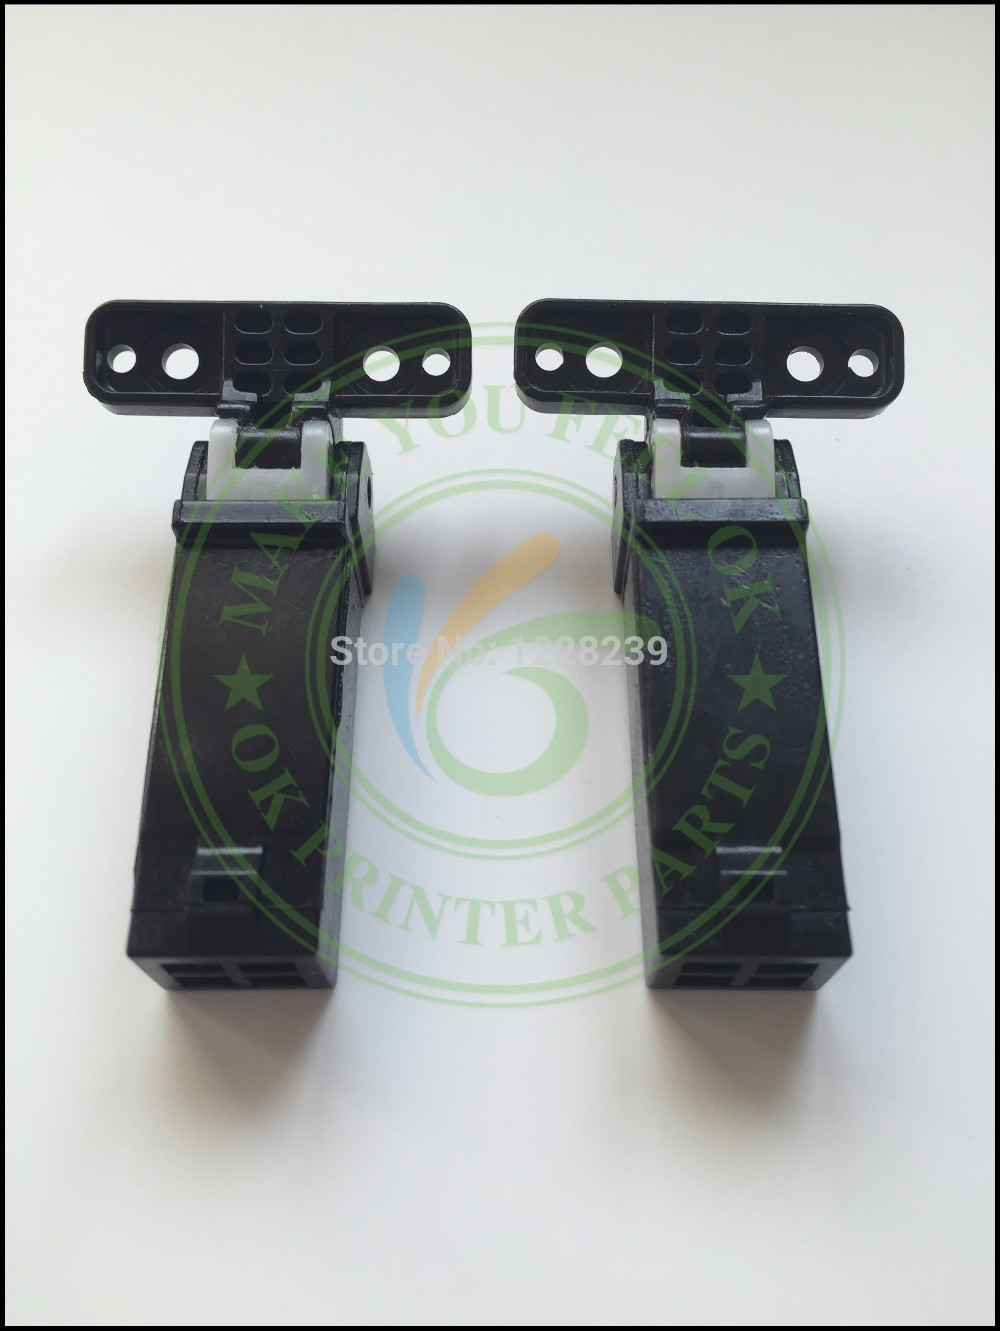 Conjunto de bisagra de unidad ADF Mea para Samsung SCX4835 4600 4623 - Electrónica de oficina - foto 2